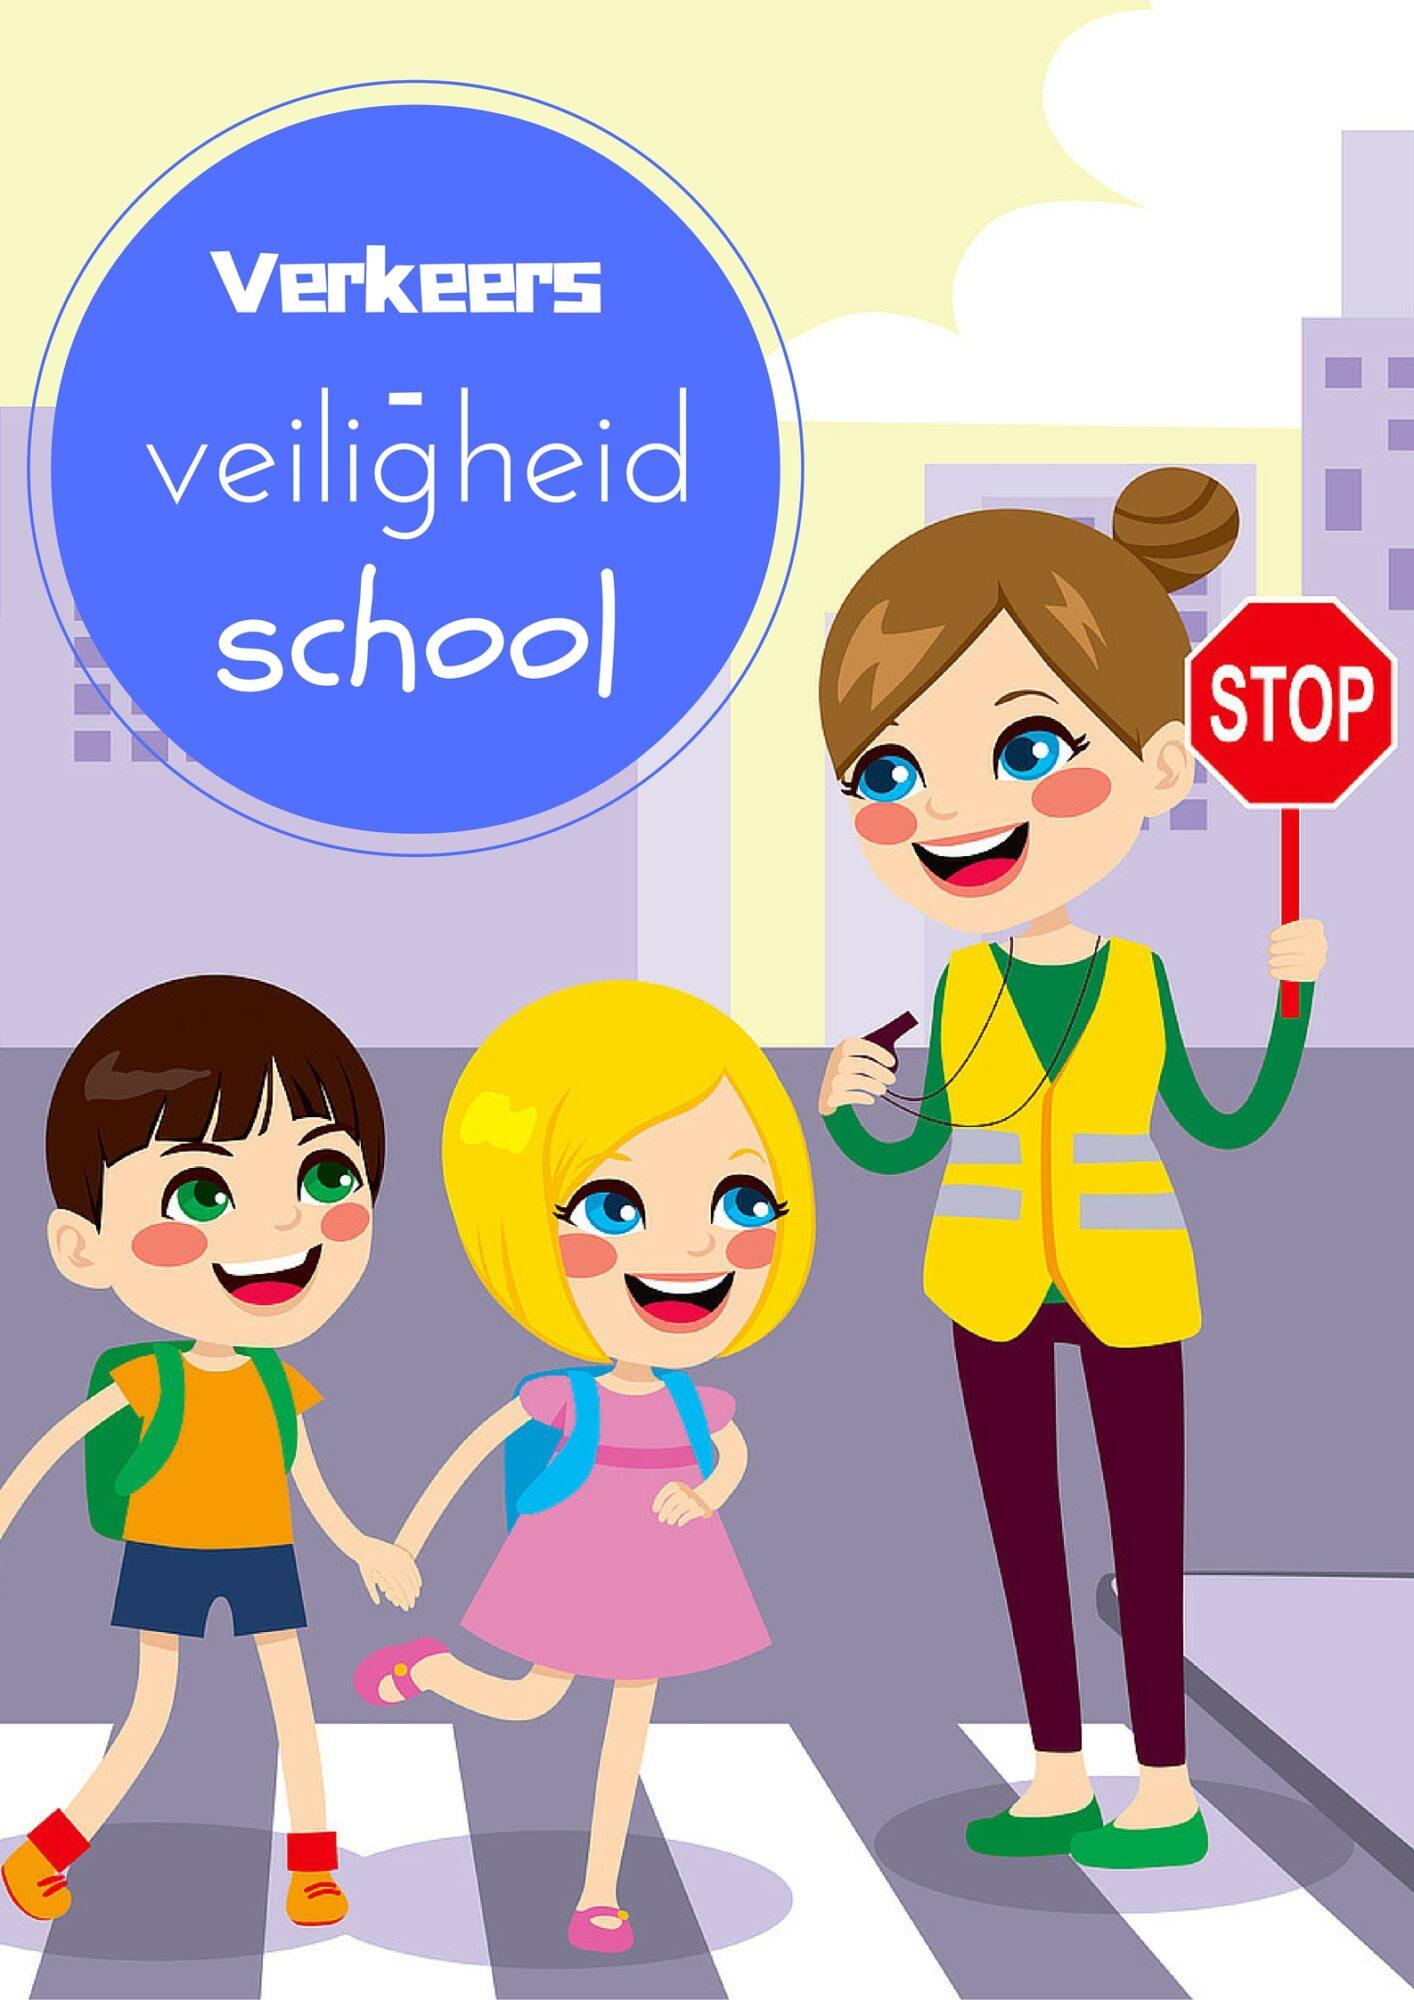 Verkeersveiligheid school